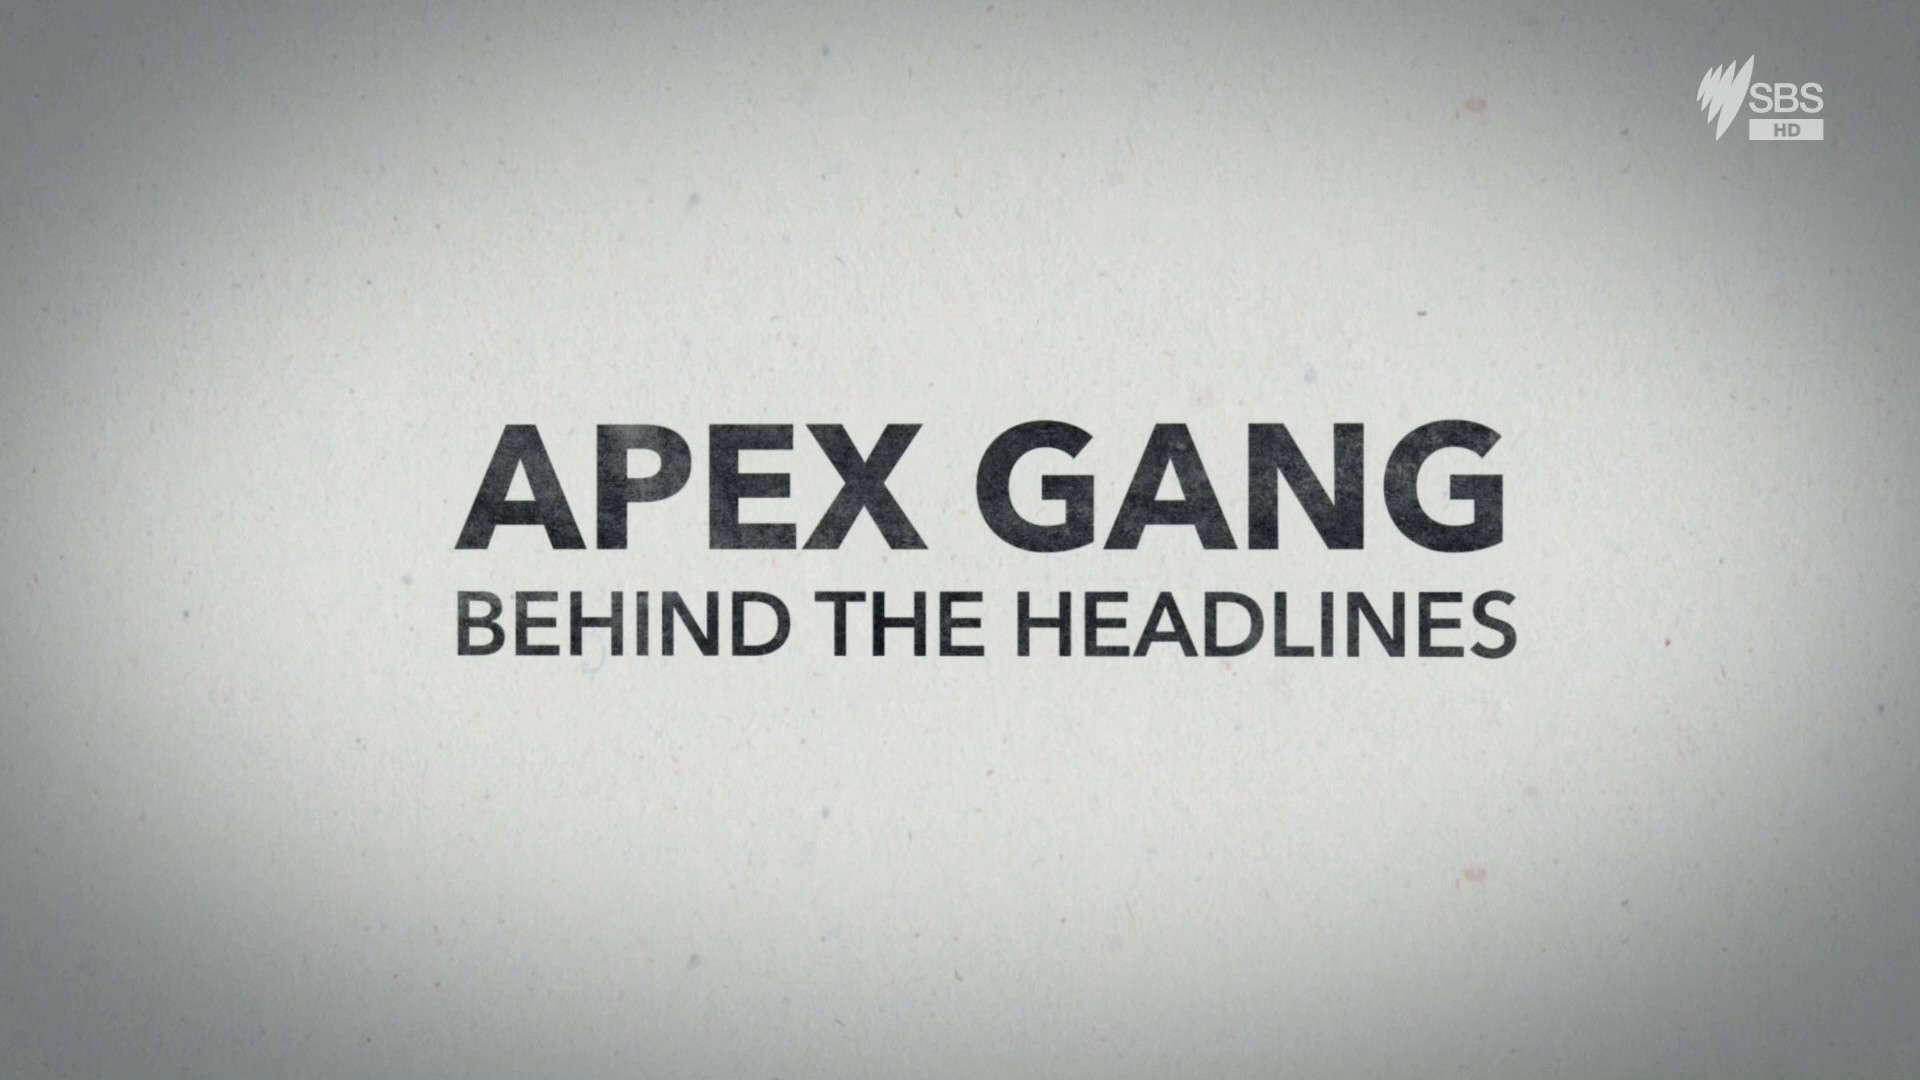 Apex Gang Behind The Headlines.jpg